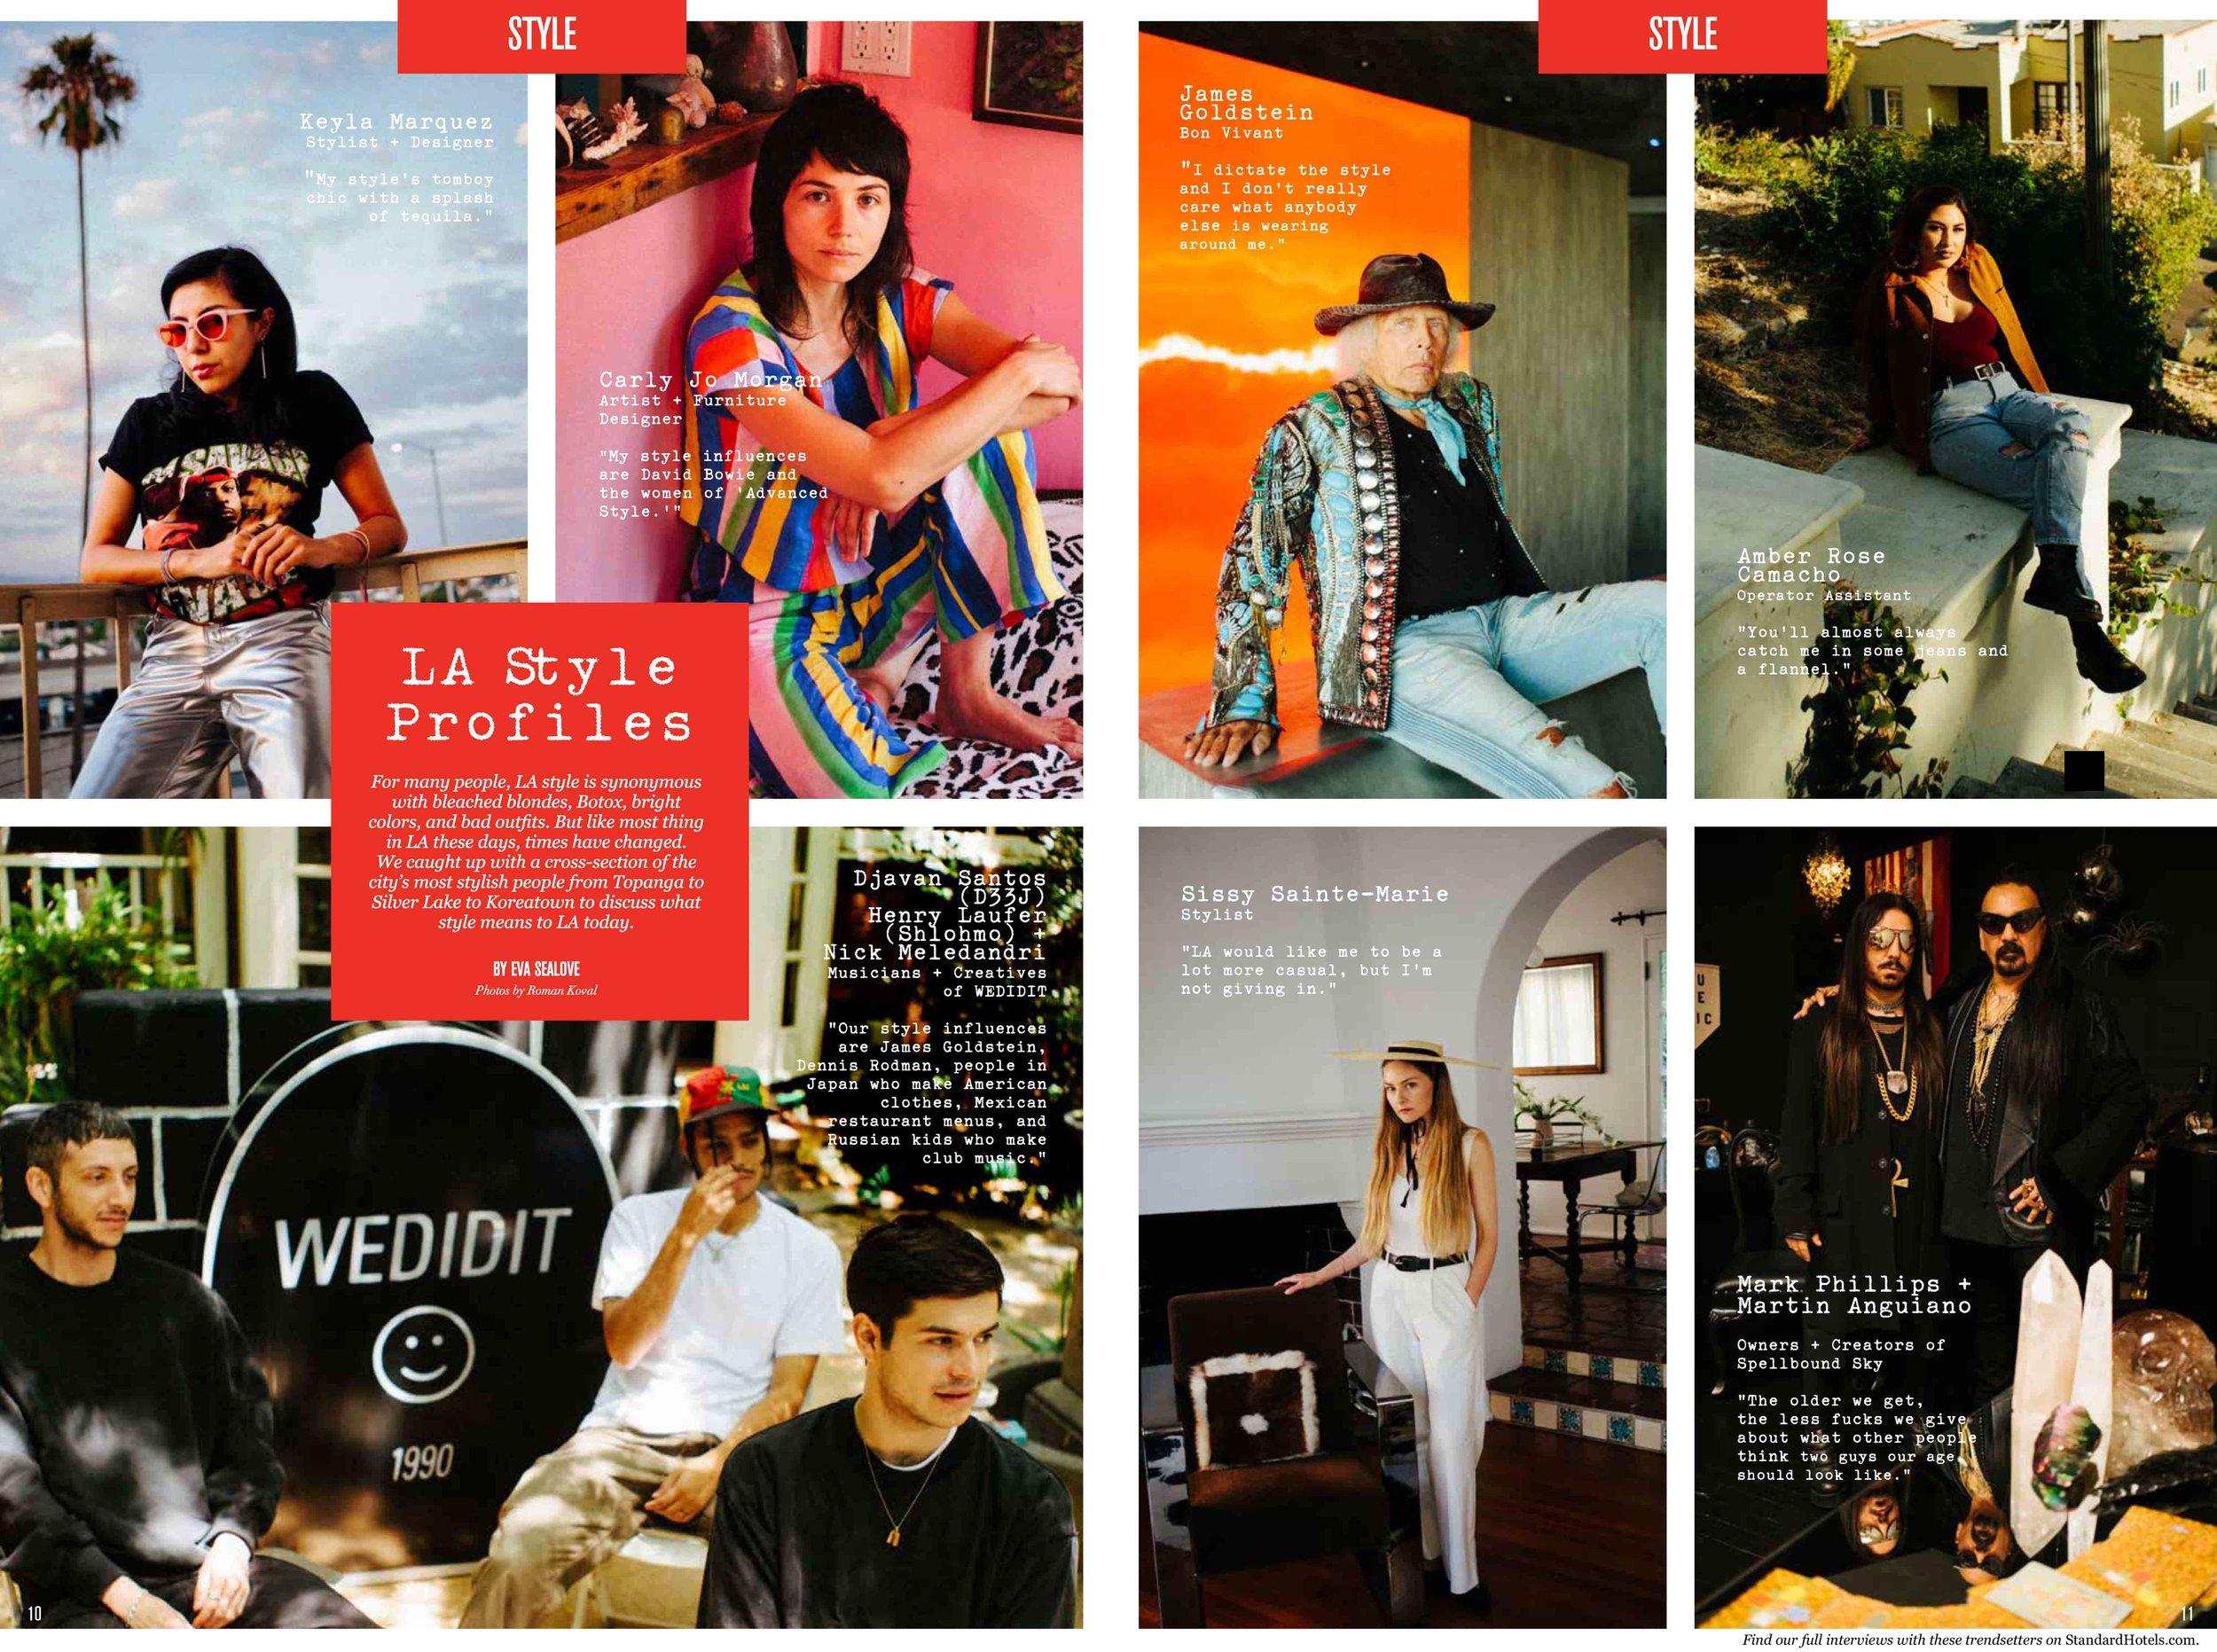 LA-Style-Profiles.jpg